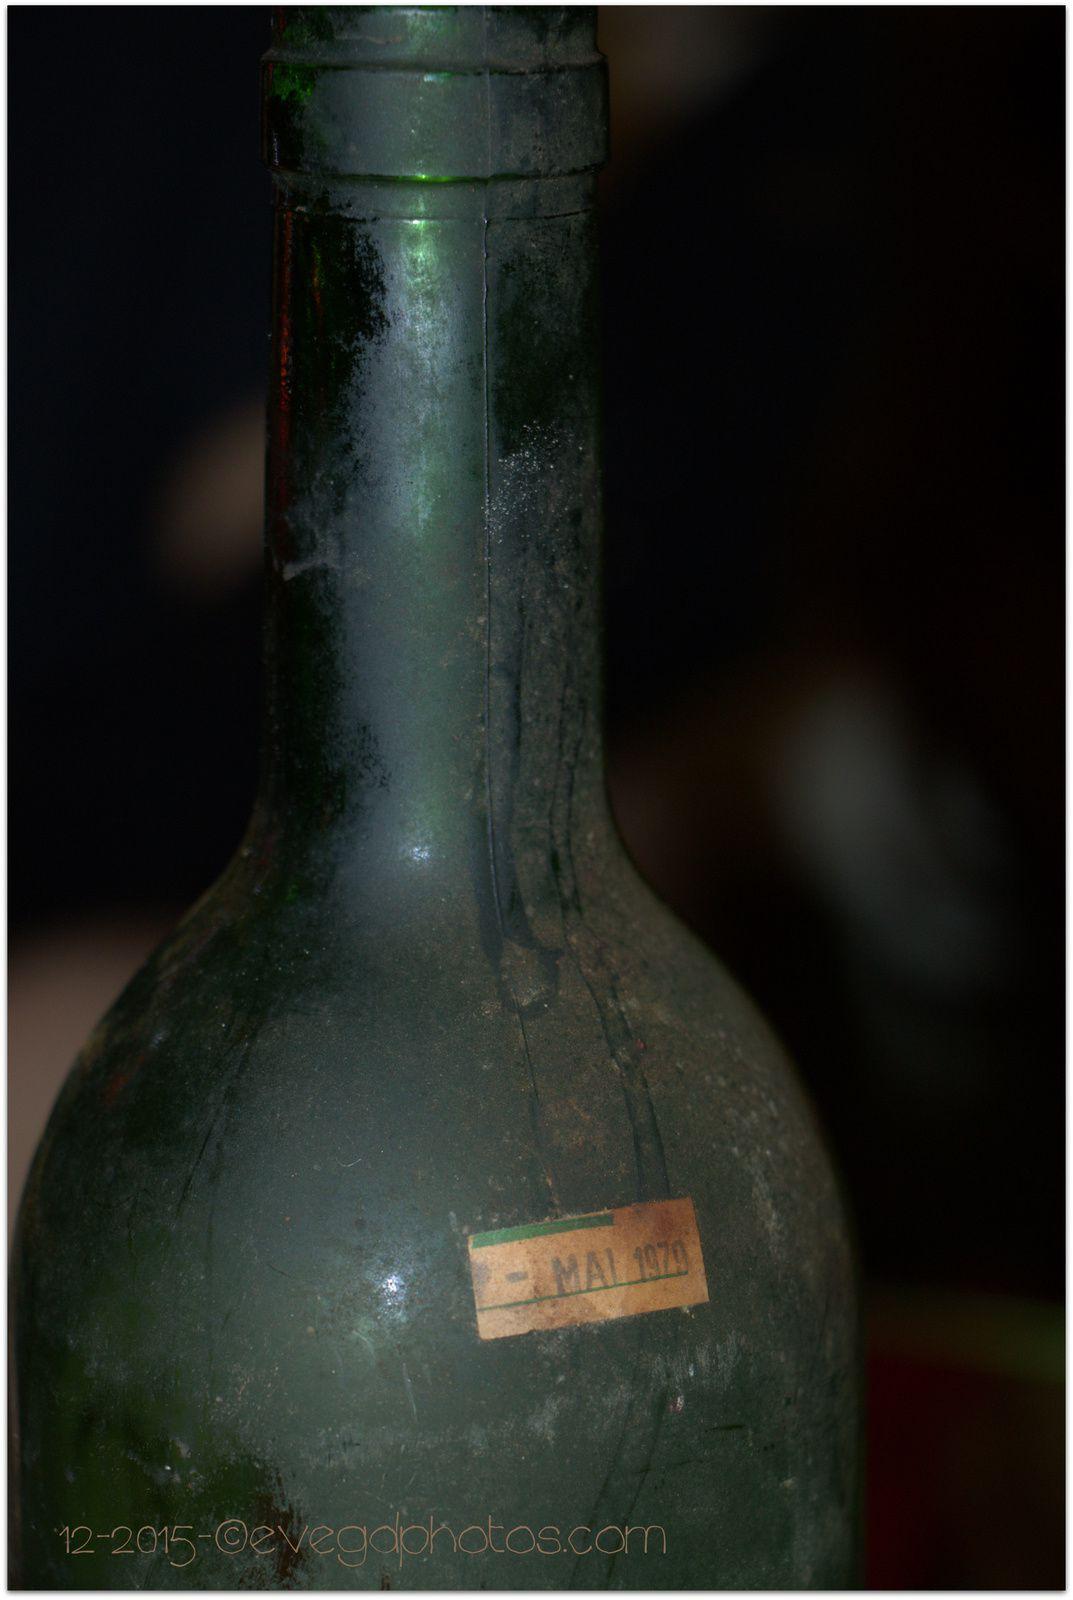 Avoir de la bouteille !!